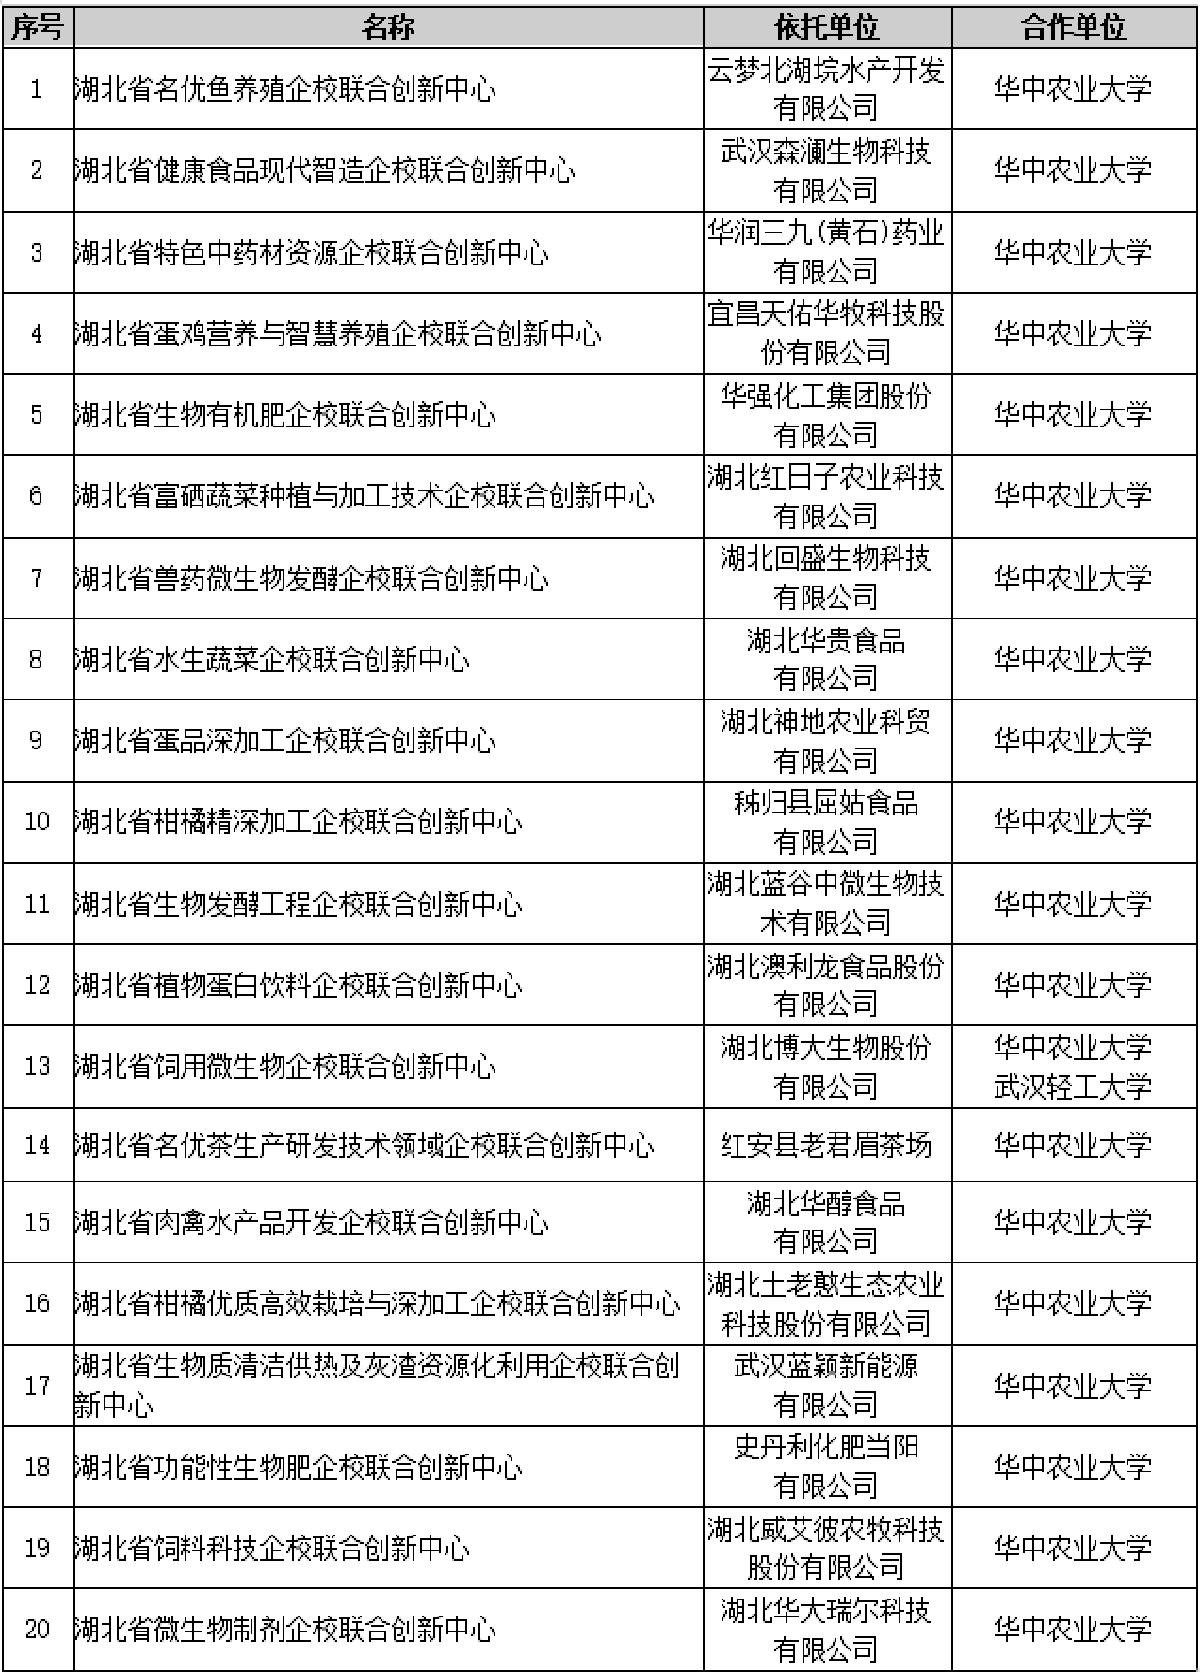 湖北省企校联合创新中心名单(华中农业大学)